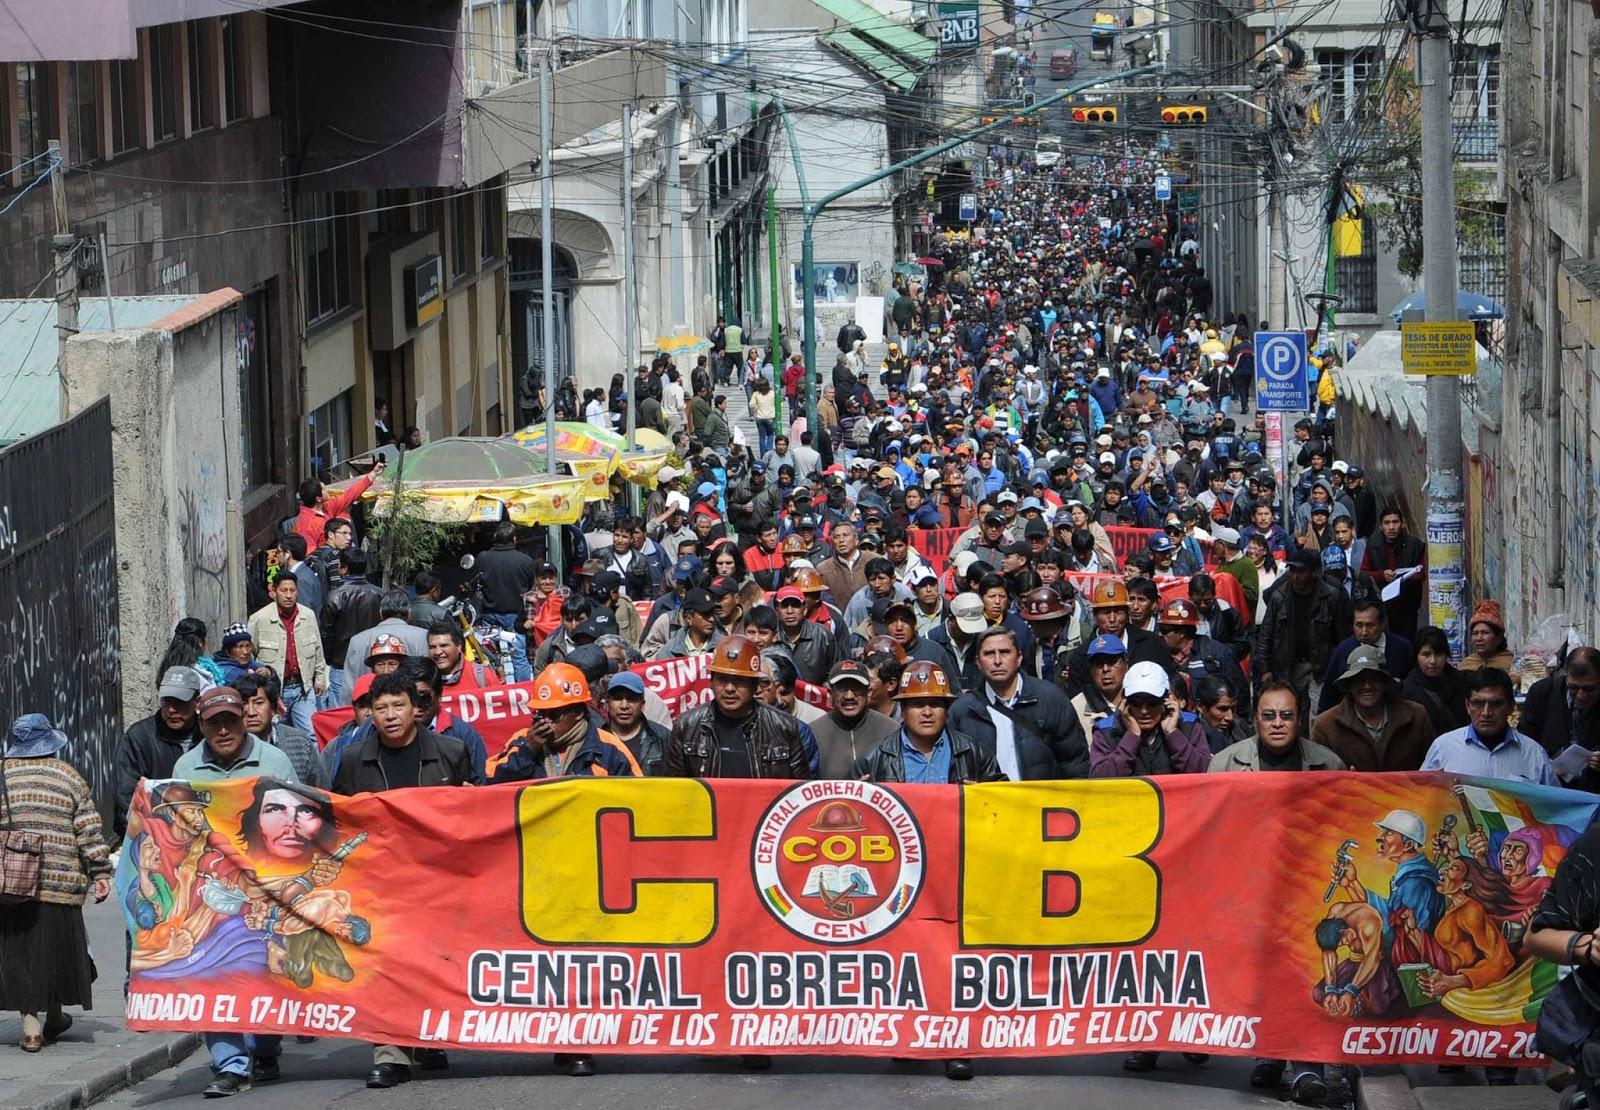 COB: La presión se radicalizará hasta que el Gobierno respete la CPE